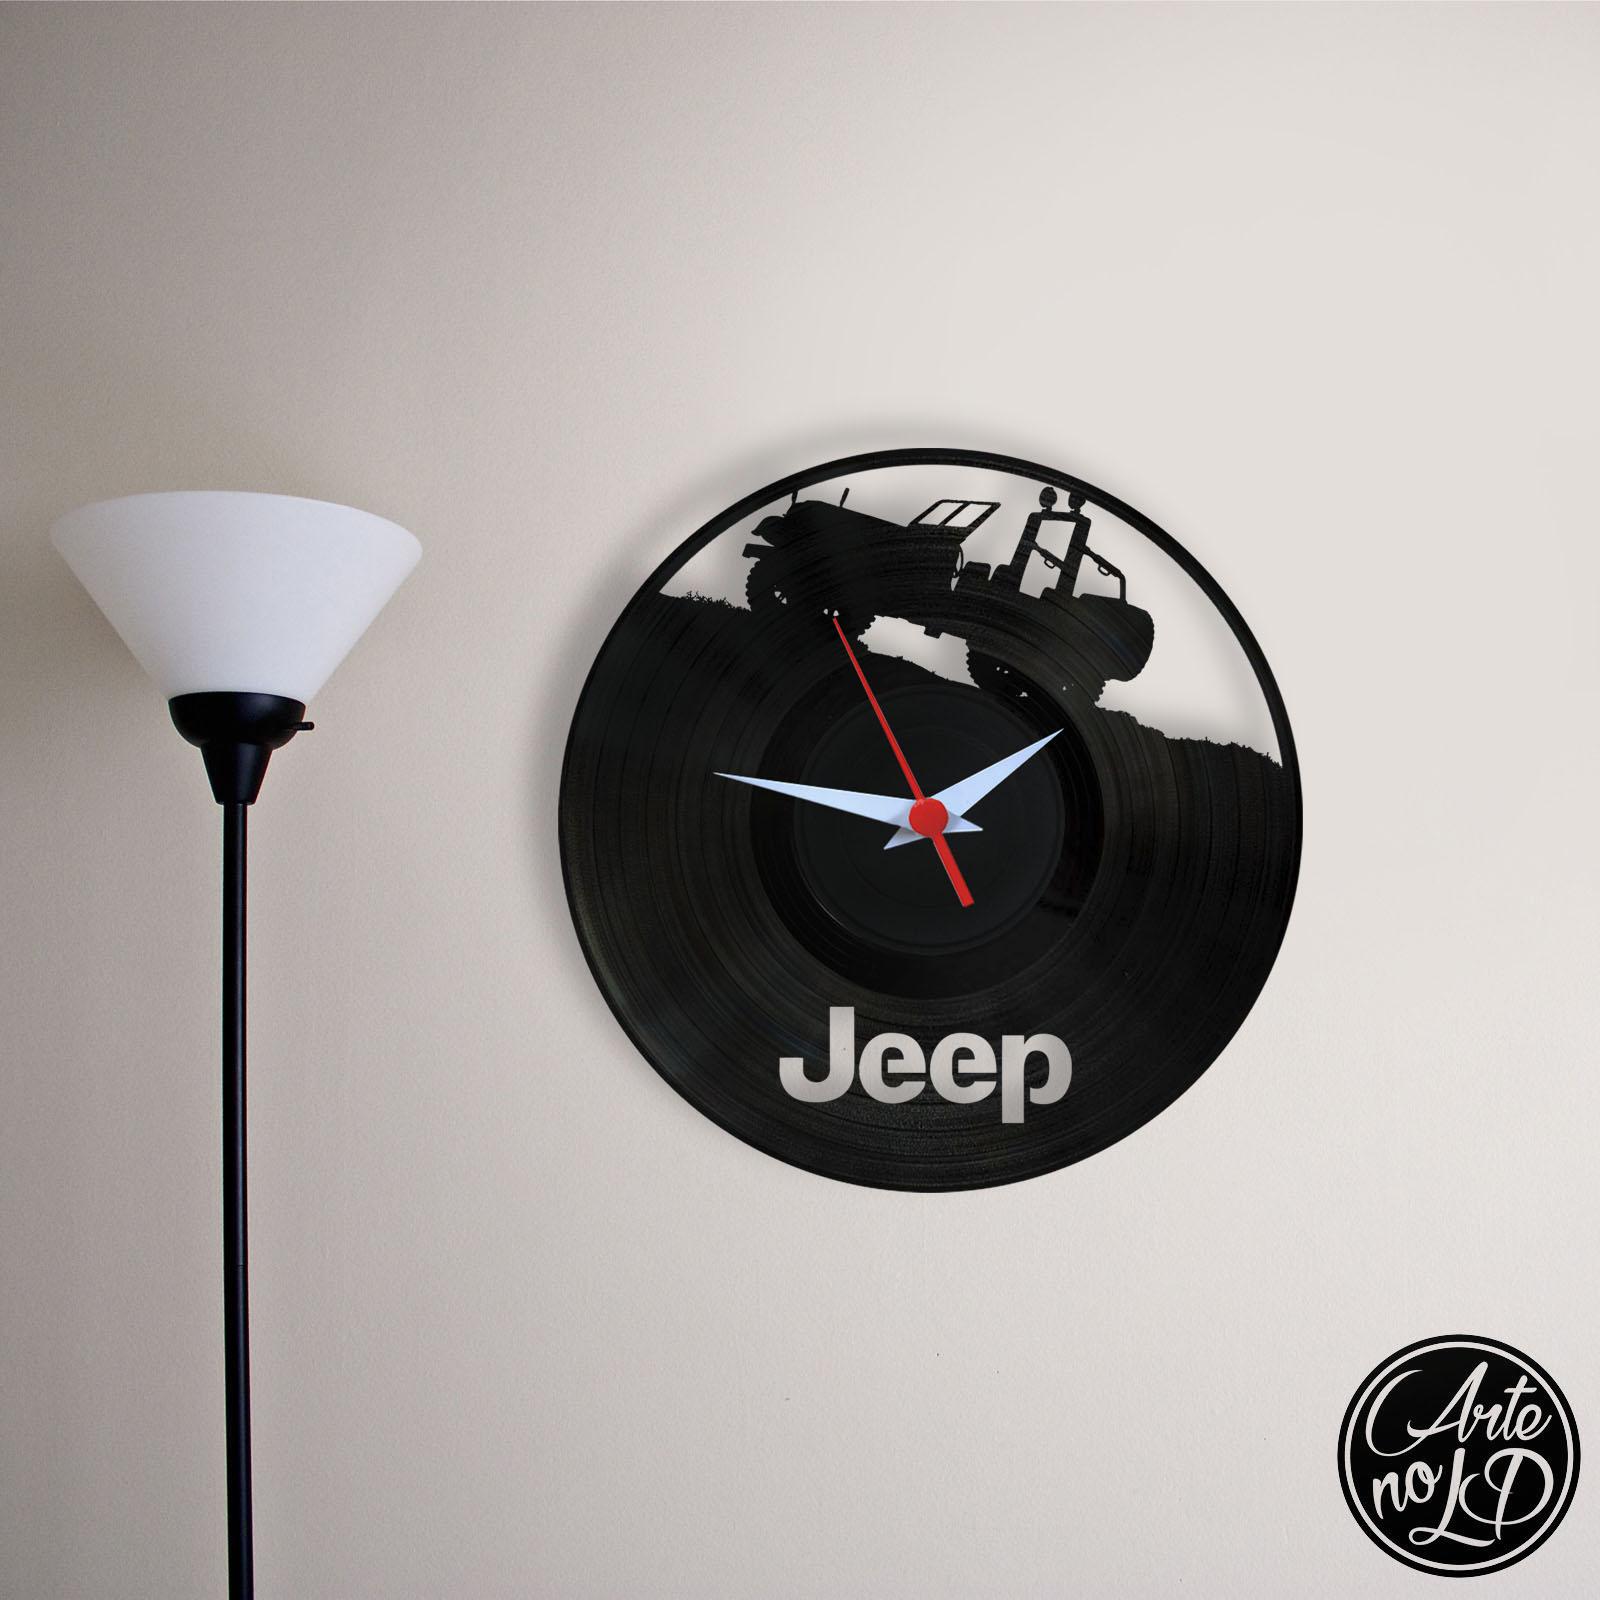 fb8339bf061 Jeep - Relógio de Parede no Elo7